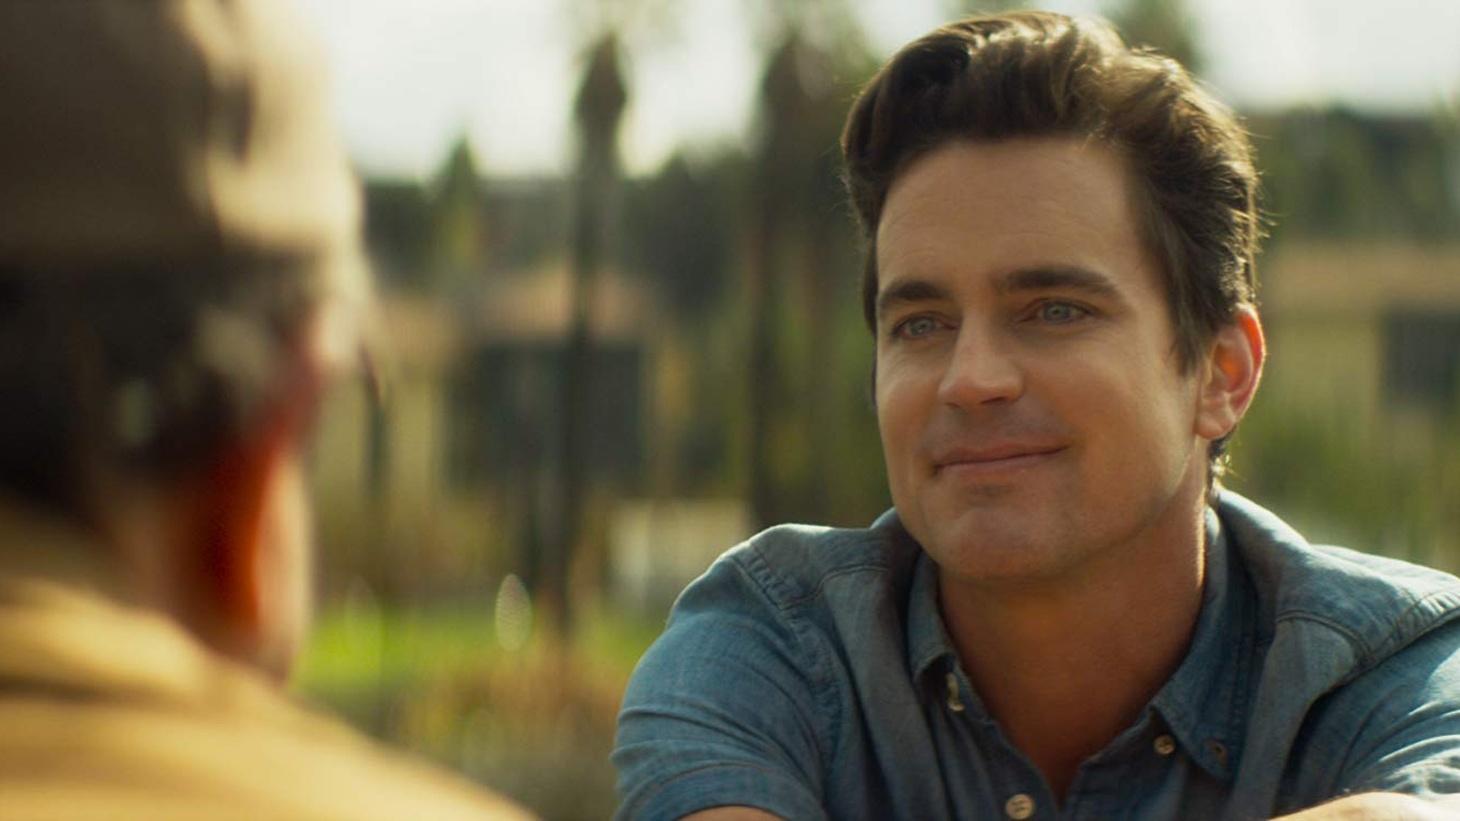 Actor, Matt Bomer